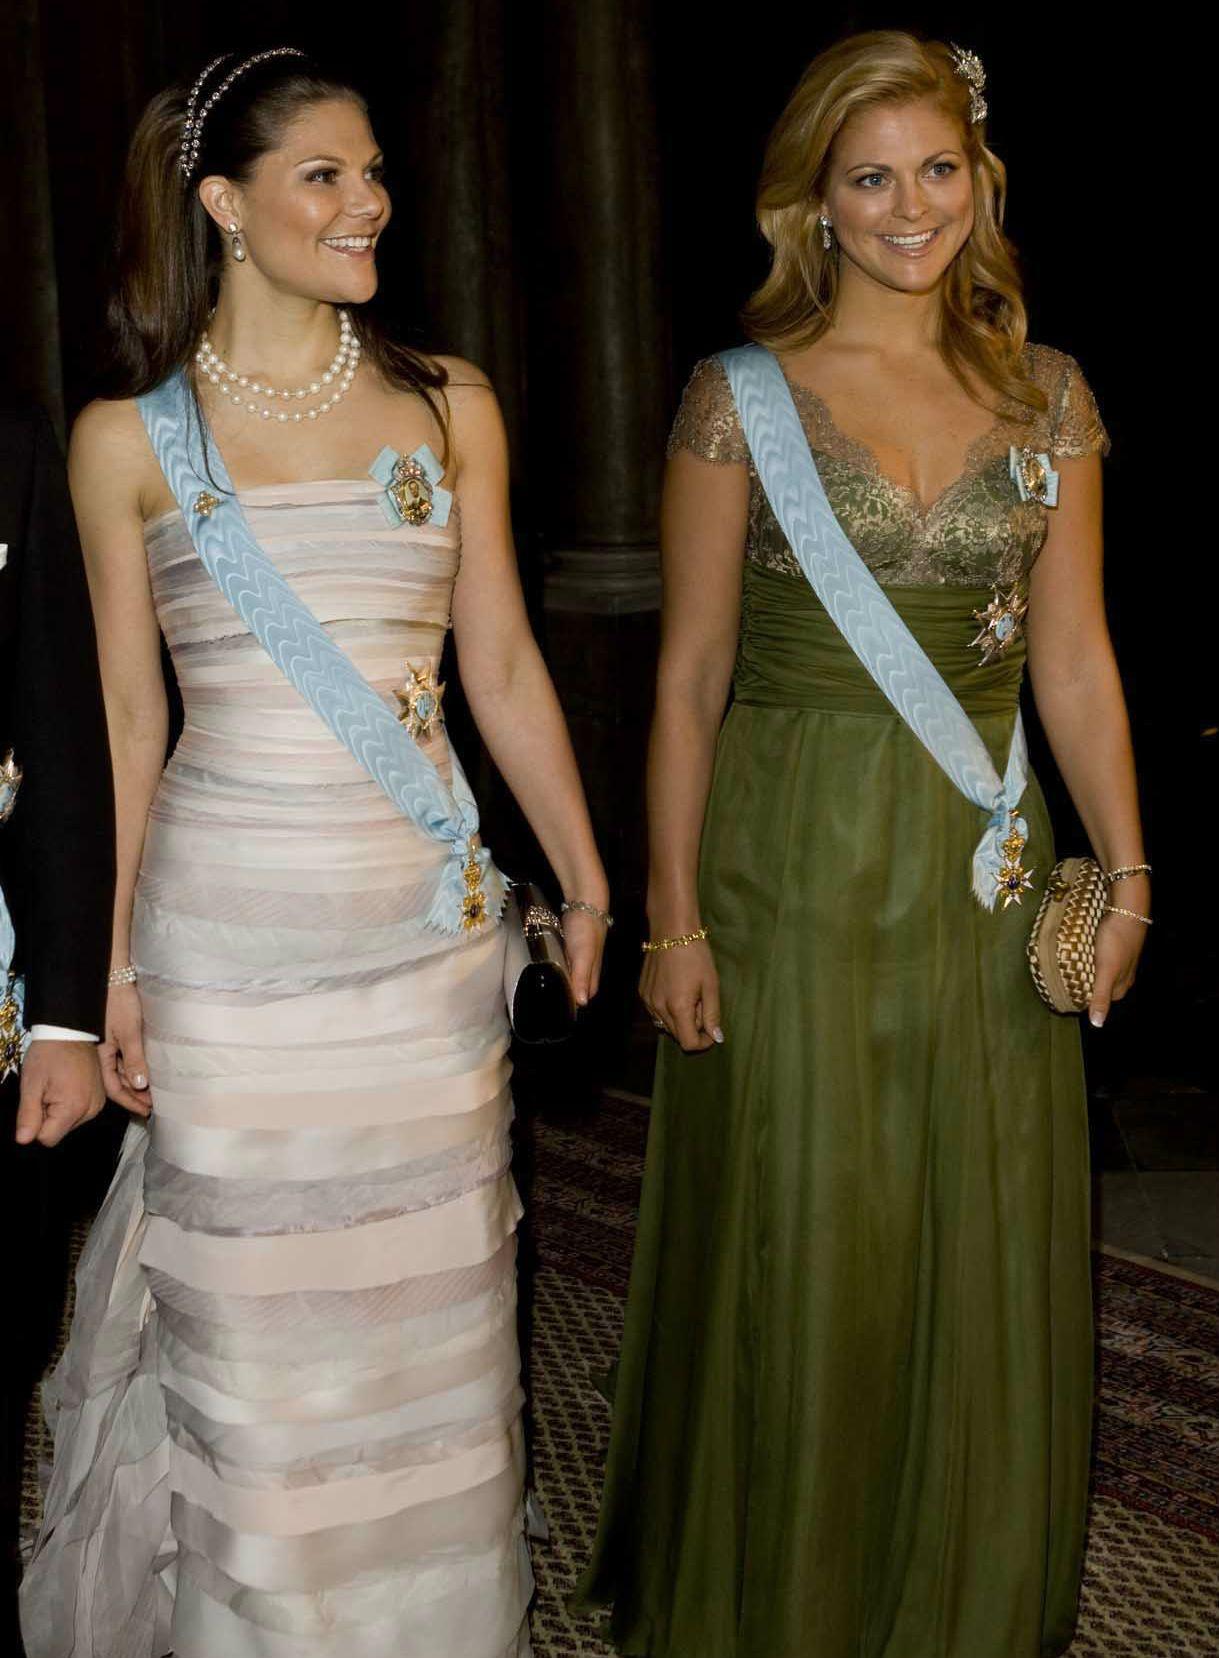 Kungens Nobelmiddag 2008. Kronprinsessan Victoria ser helt underbar ut i sin klänning med sina smycken och med diademet i håret! Skitsnyggt!